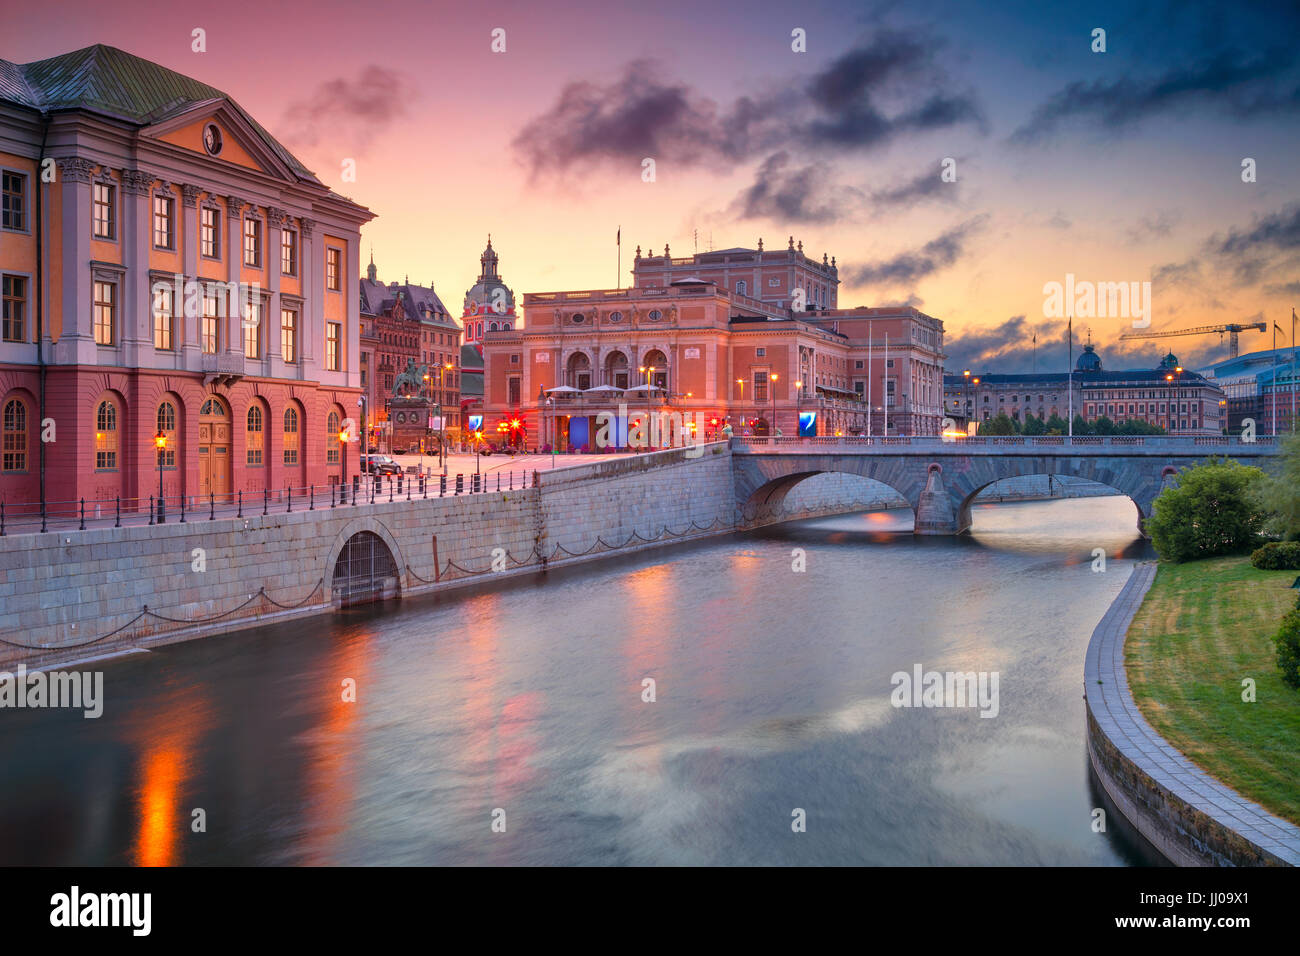 Stoccolma. Immagine della città vecchia di Stoccolma, in Svezia durante il sunrise. Immagini Stock